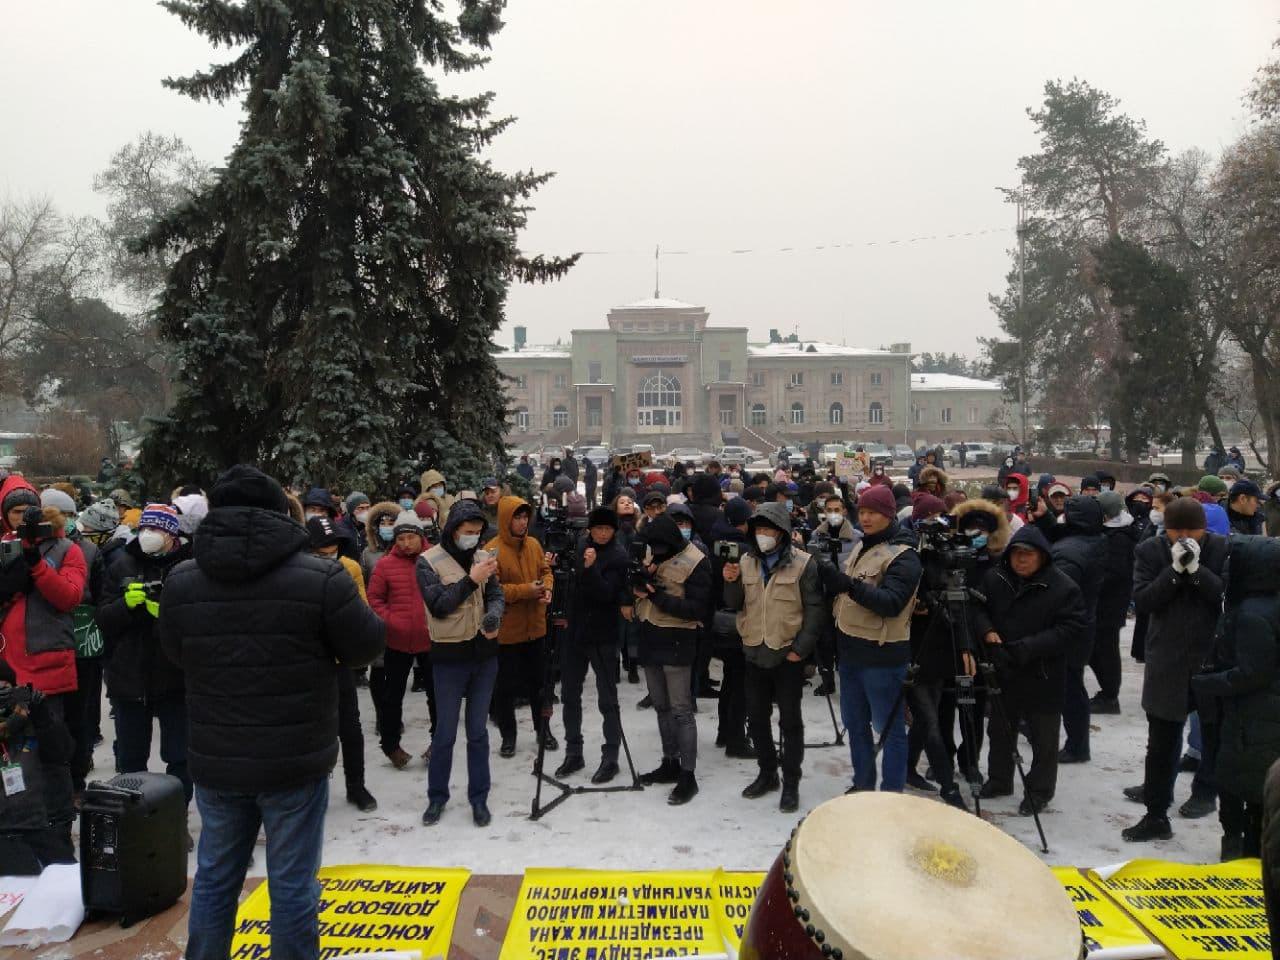 В Кыргызстане прошел мирный марш против принятия новой конституции